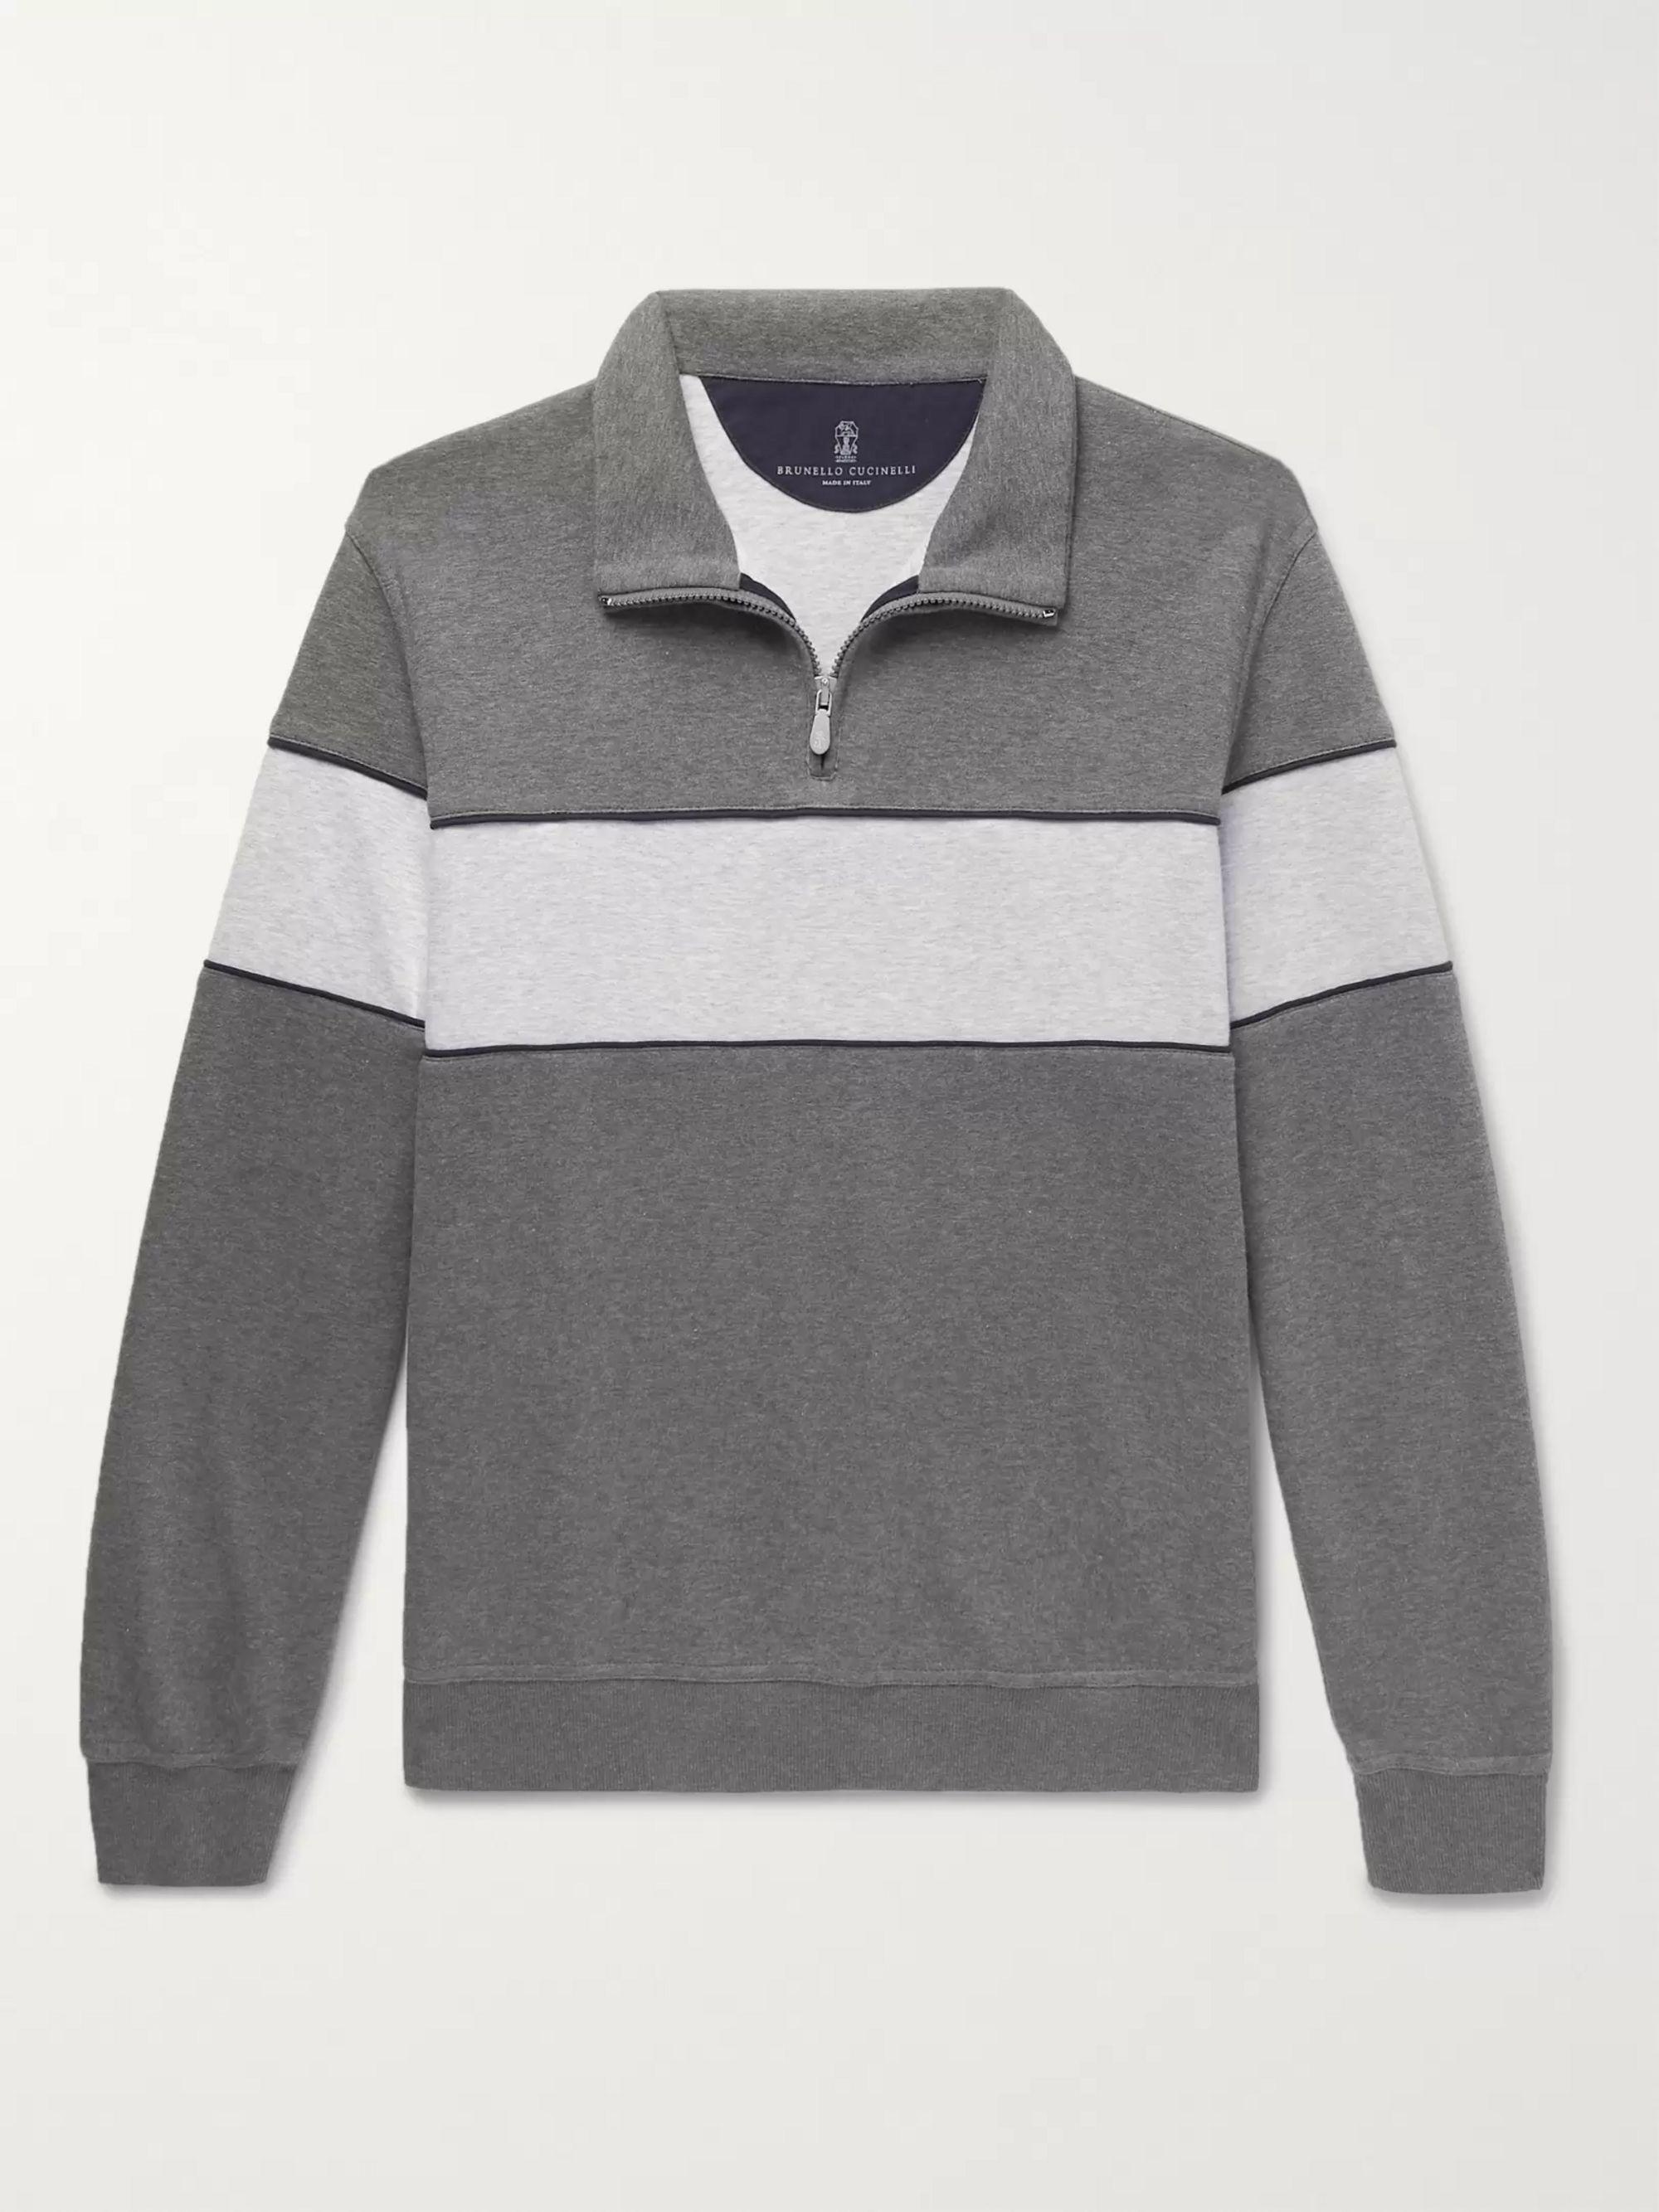 Two Tone Mélange Jersey Half Zip Sweatshirt